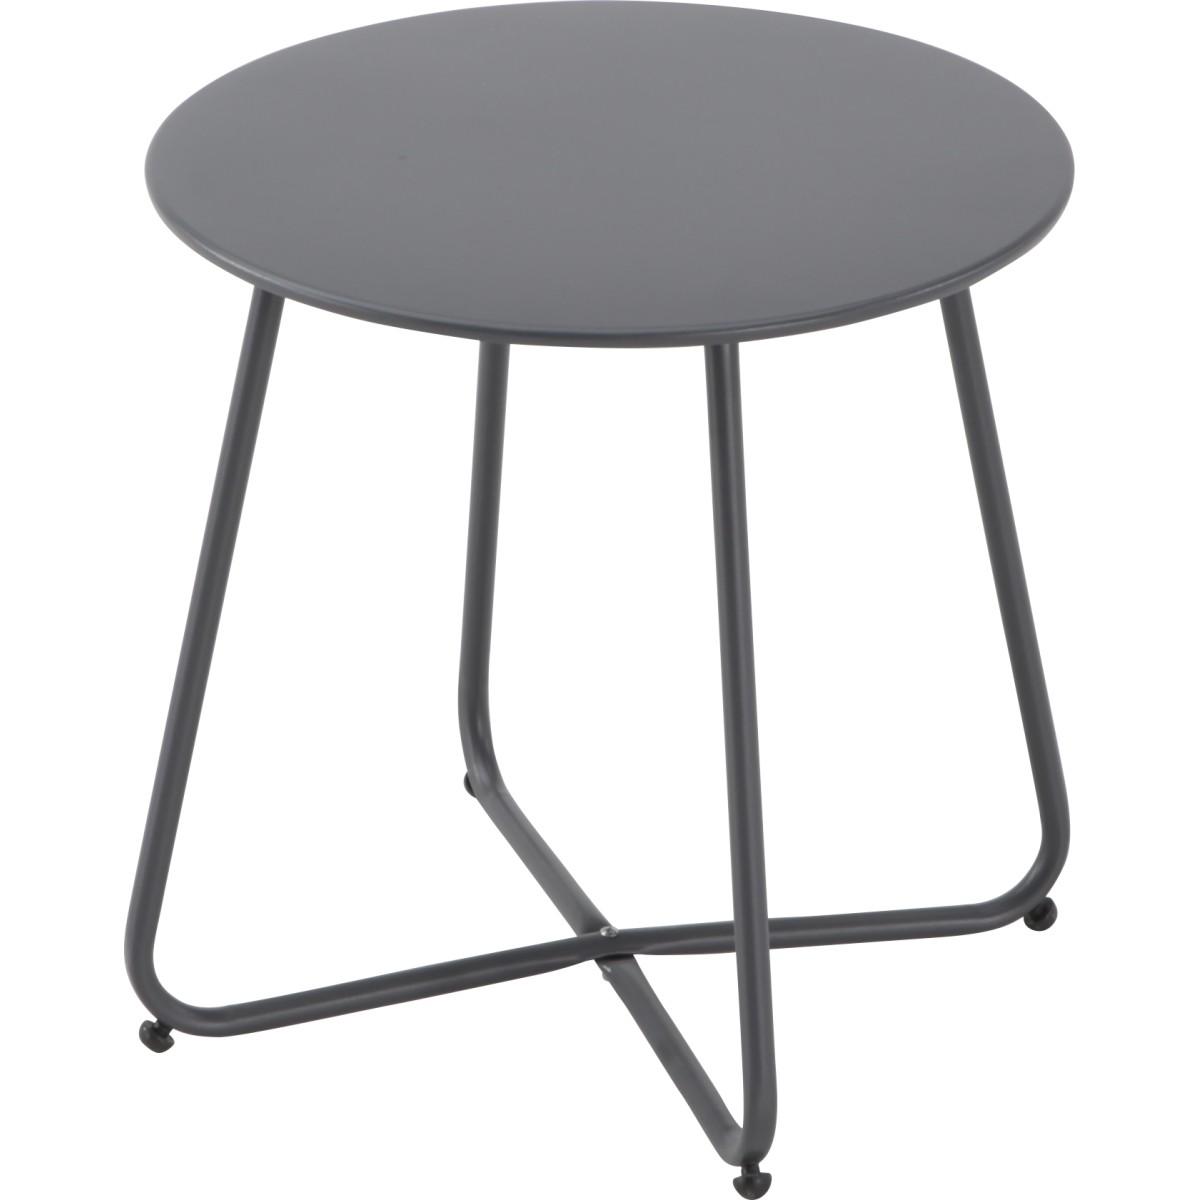 Стол садовый Acapulco диаметр 45 см металл черный